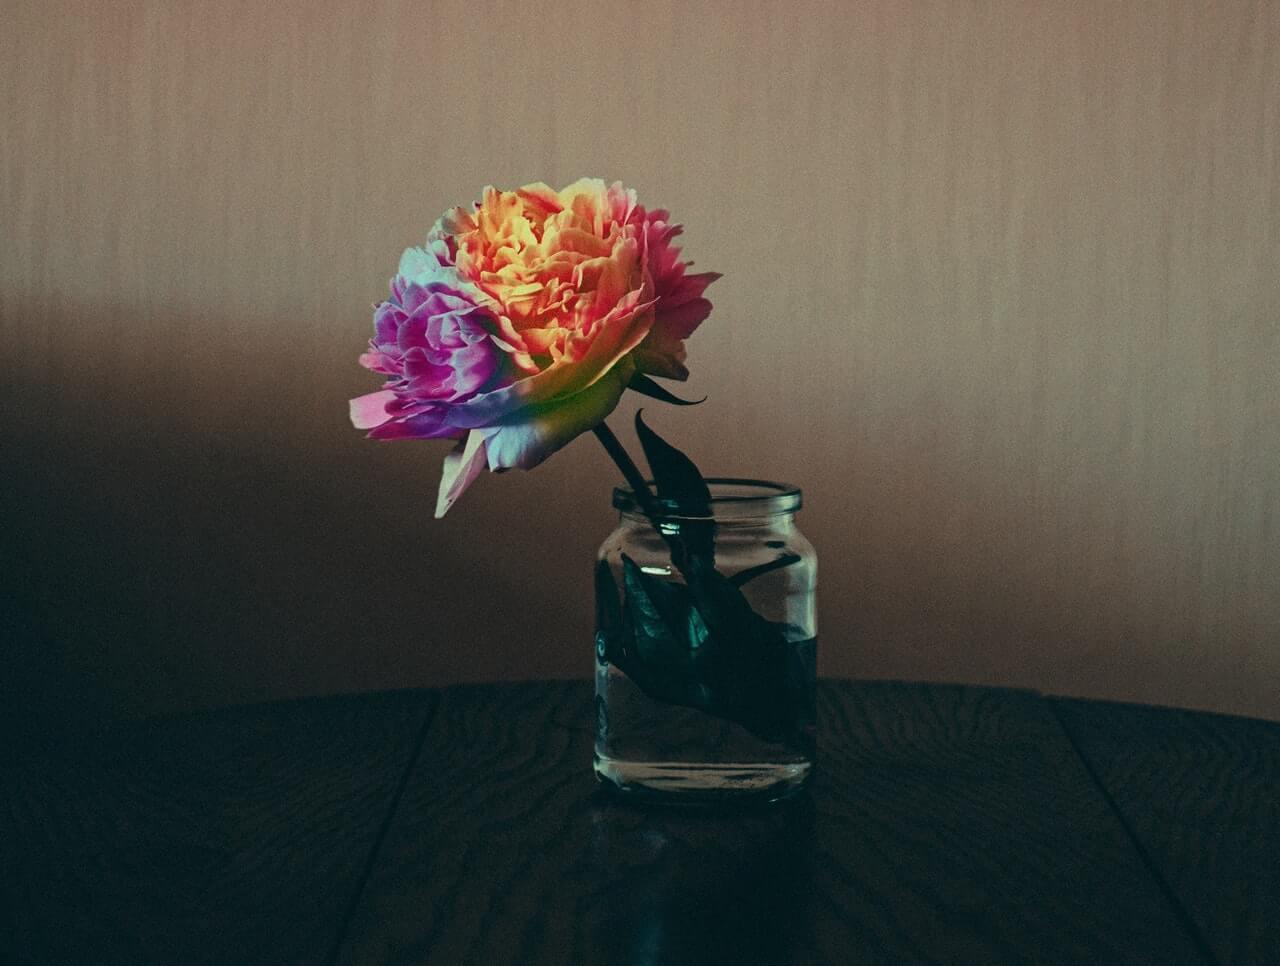 Aliviar a dor da cólica menstrual